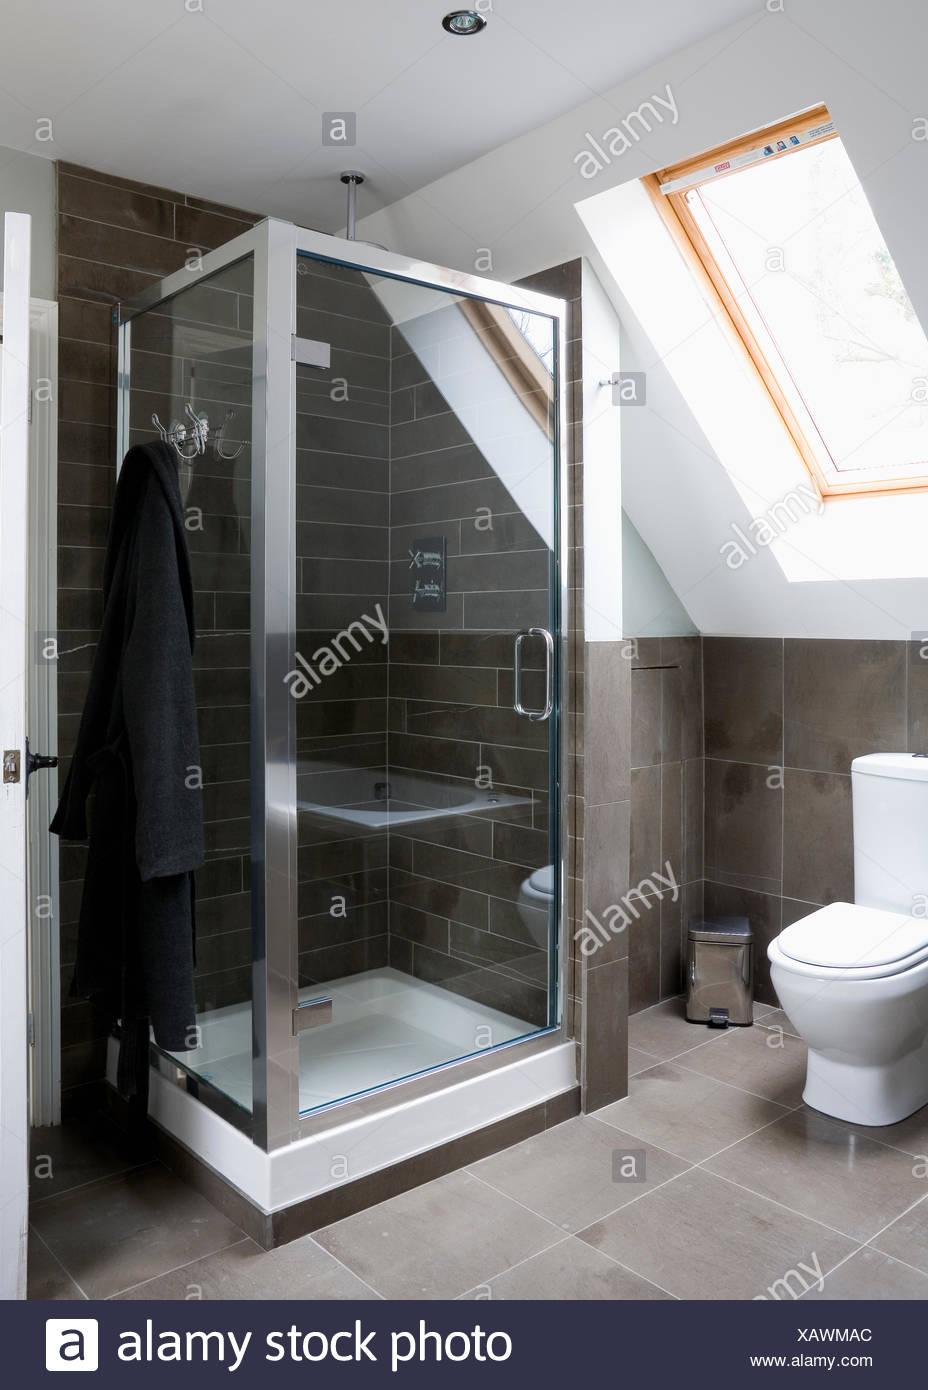 Calcare pavimenti e rivestimenti in moderni loft la - Doccia con finestra ...